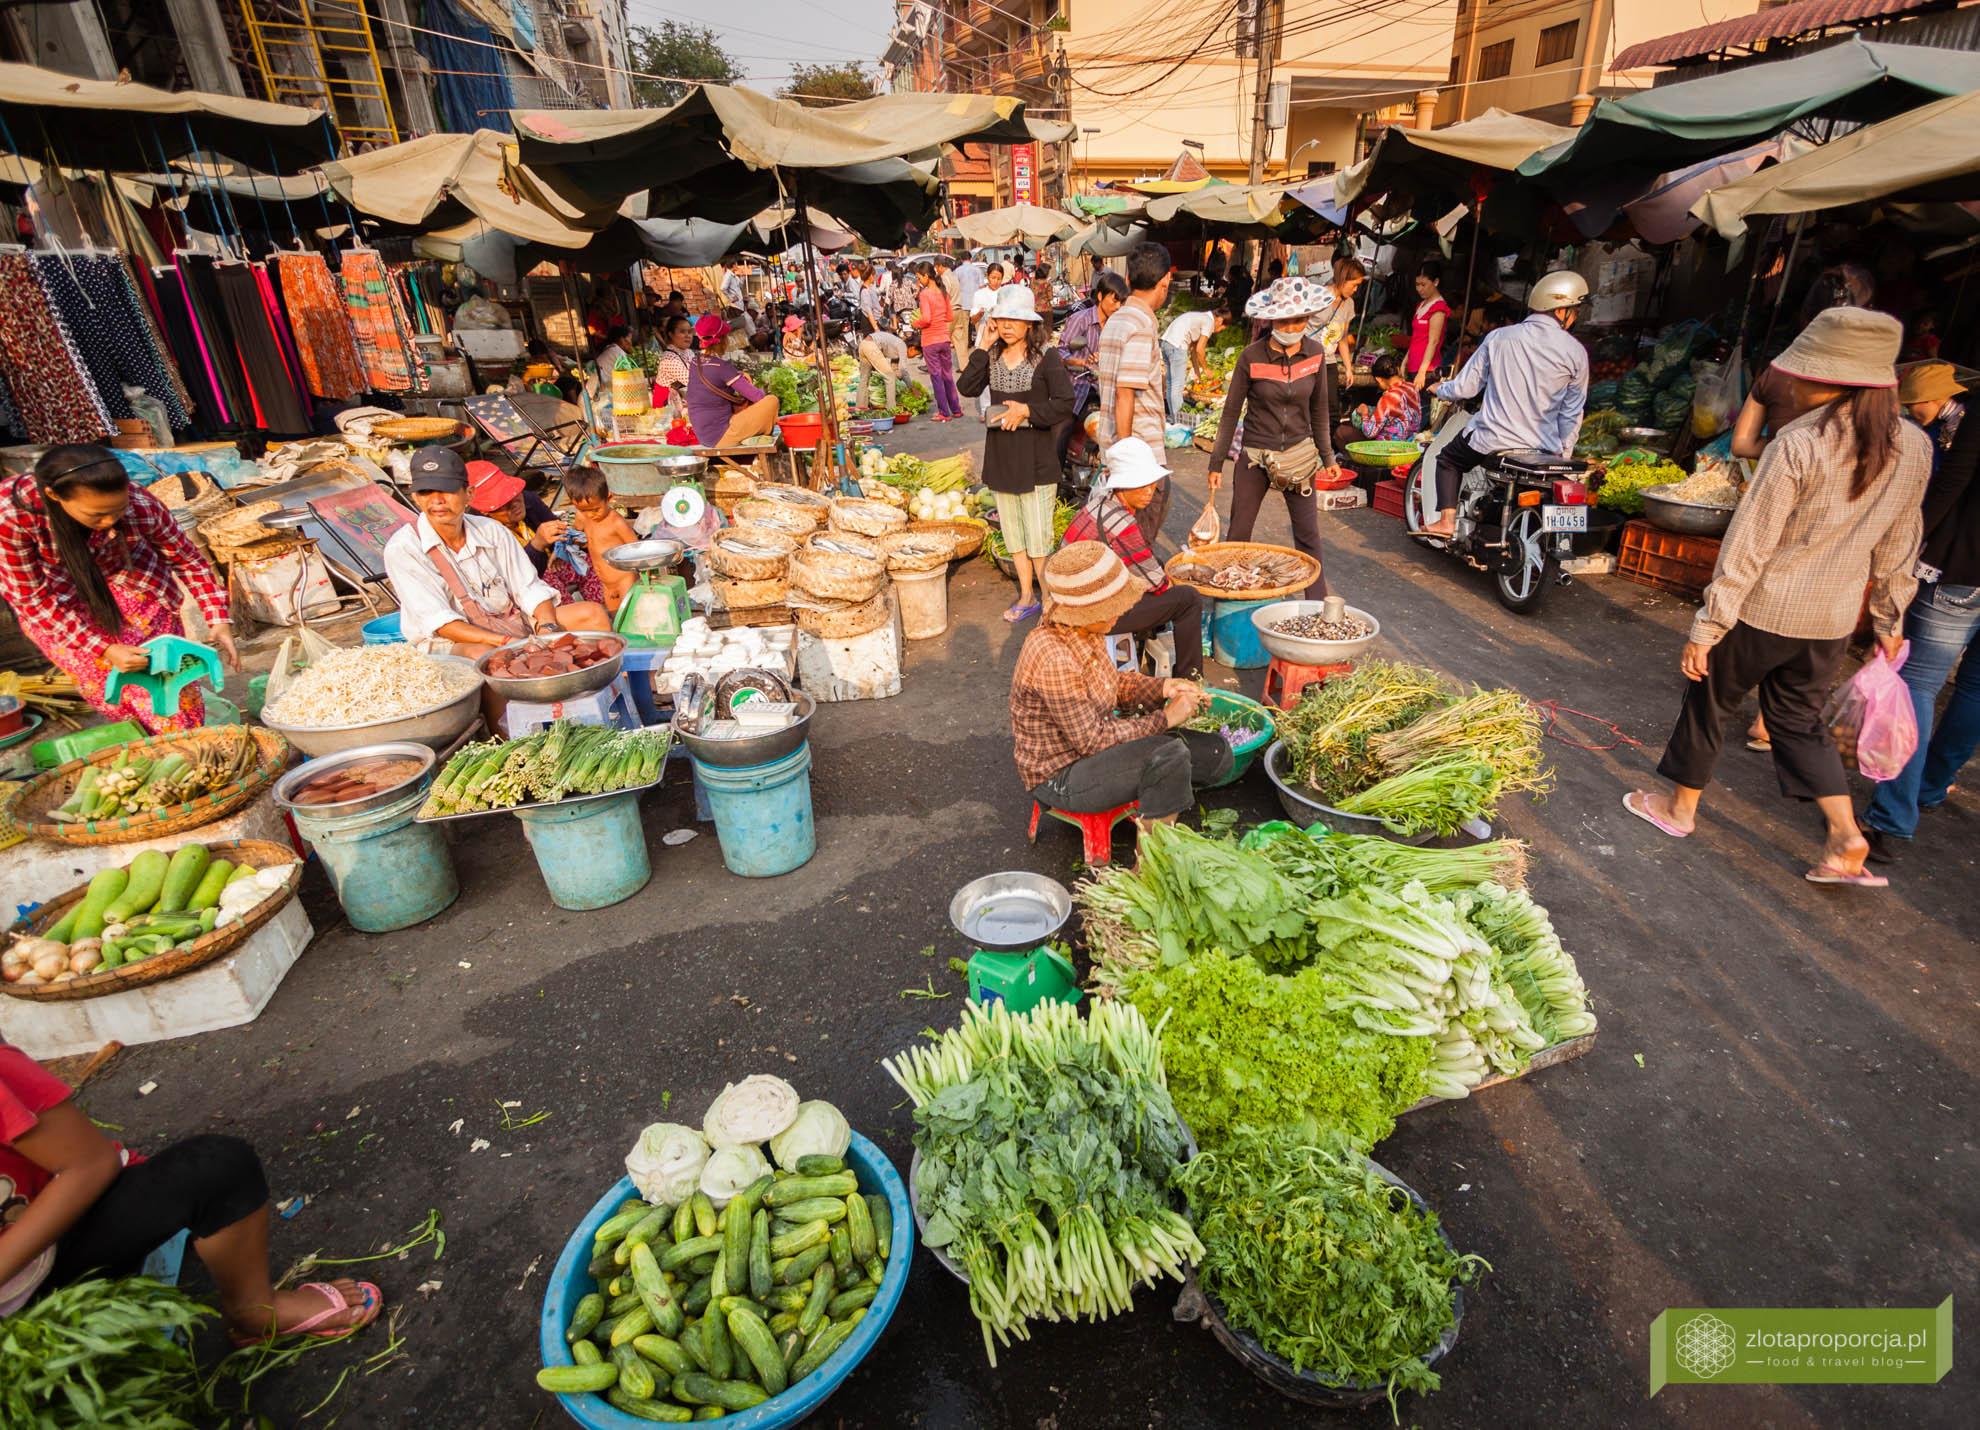 Phnom Penh, Kambodża, życie w Kambodży; życie w Phnom Penh, targ w Phnom Penh, street food w Phnom Penh, street food w Kambodży